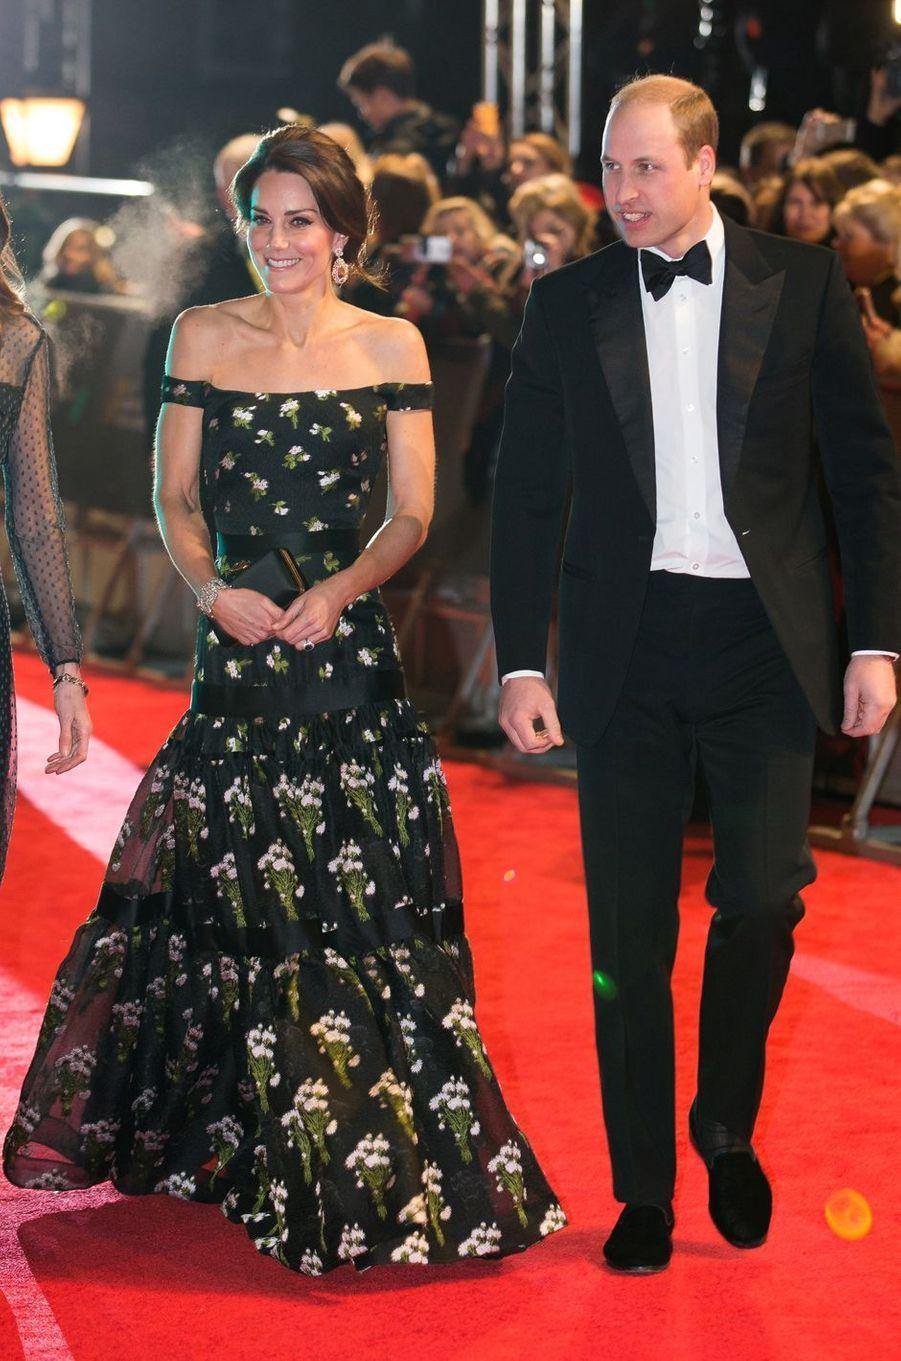 La duchesse de Cambridge, née Kate Middleton, en Alexander McQueen avec le prince William à Londres, le 12 février 2017